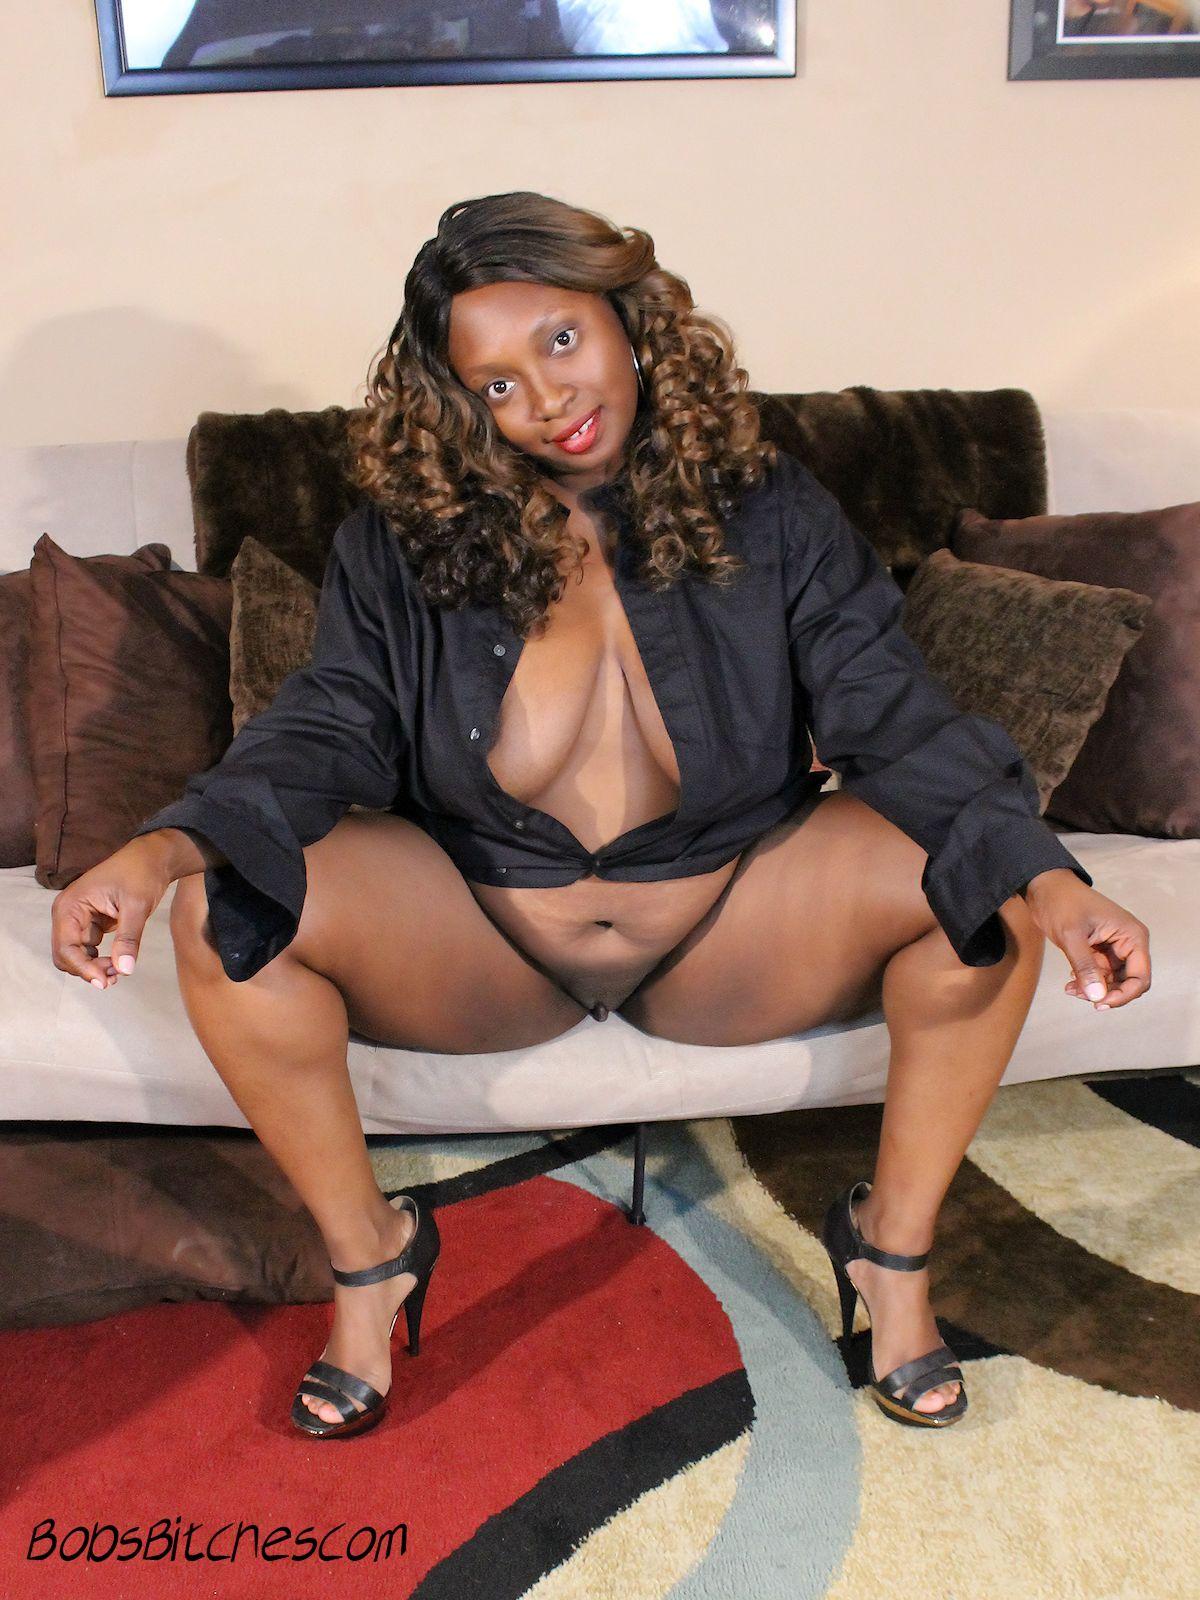 Big tit ebony milf spreading her high heeled legs.